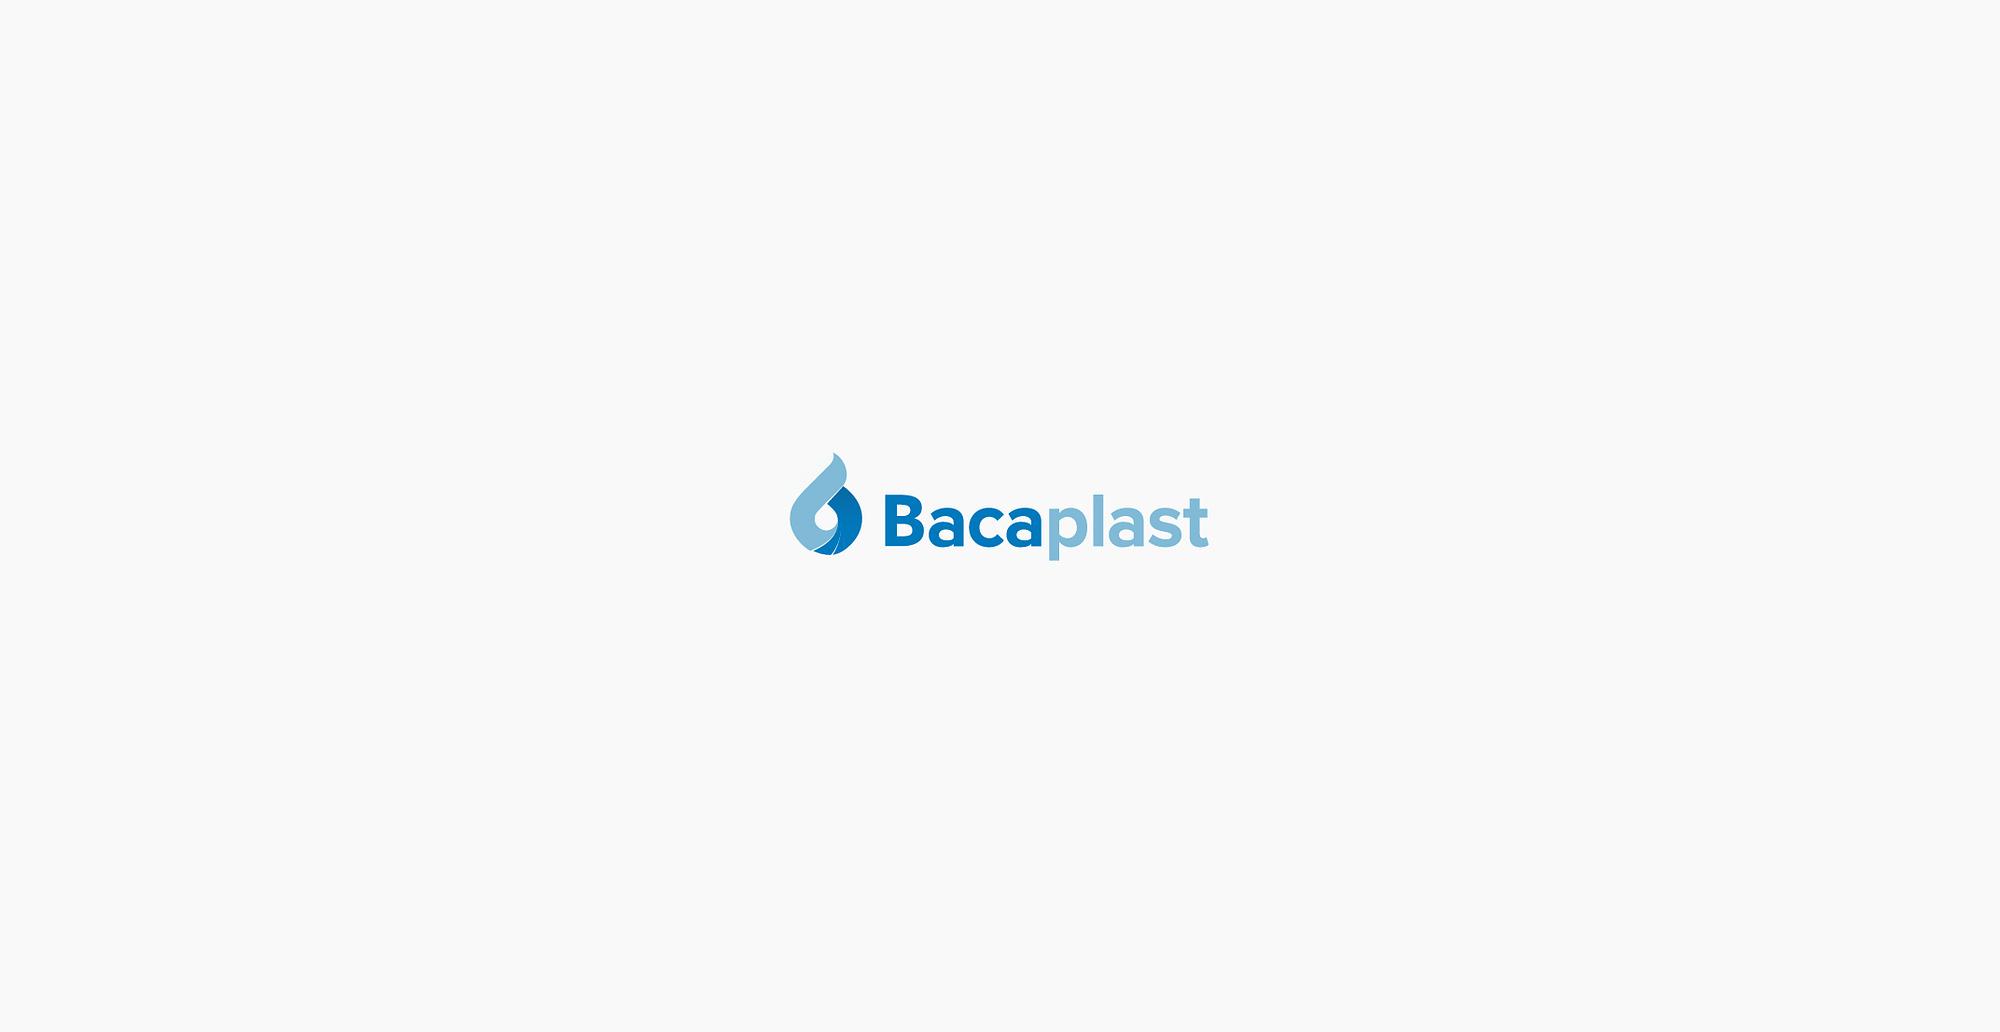 Logo designe for Bacaplast